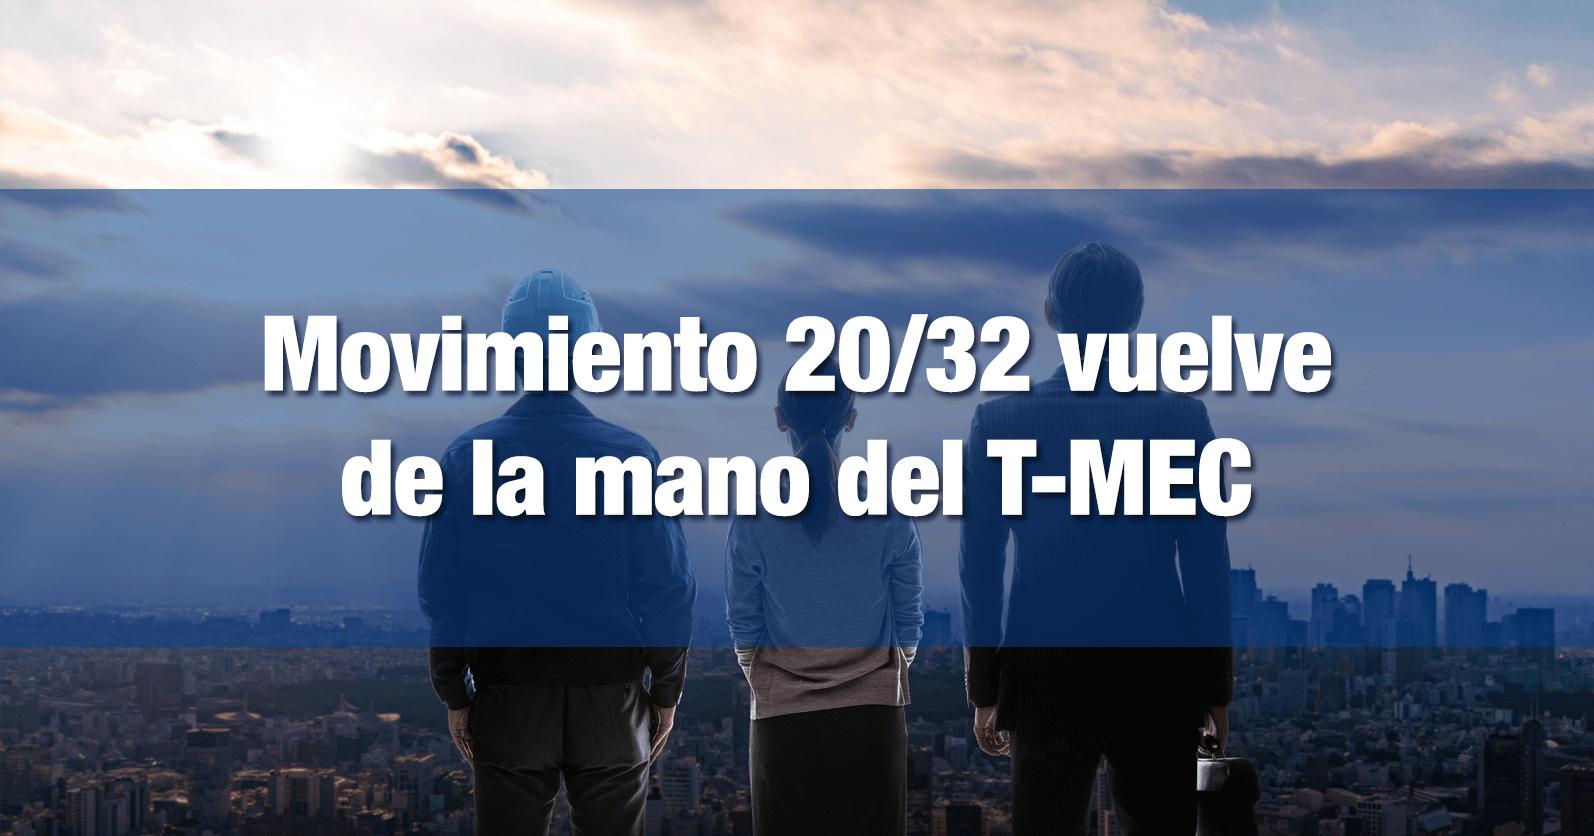 Movimiento 20/32 vuelve de la mano del T-MEC